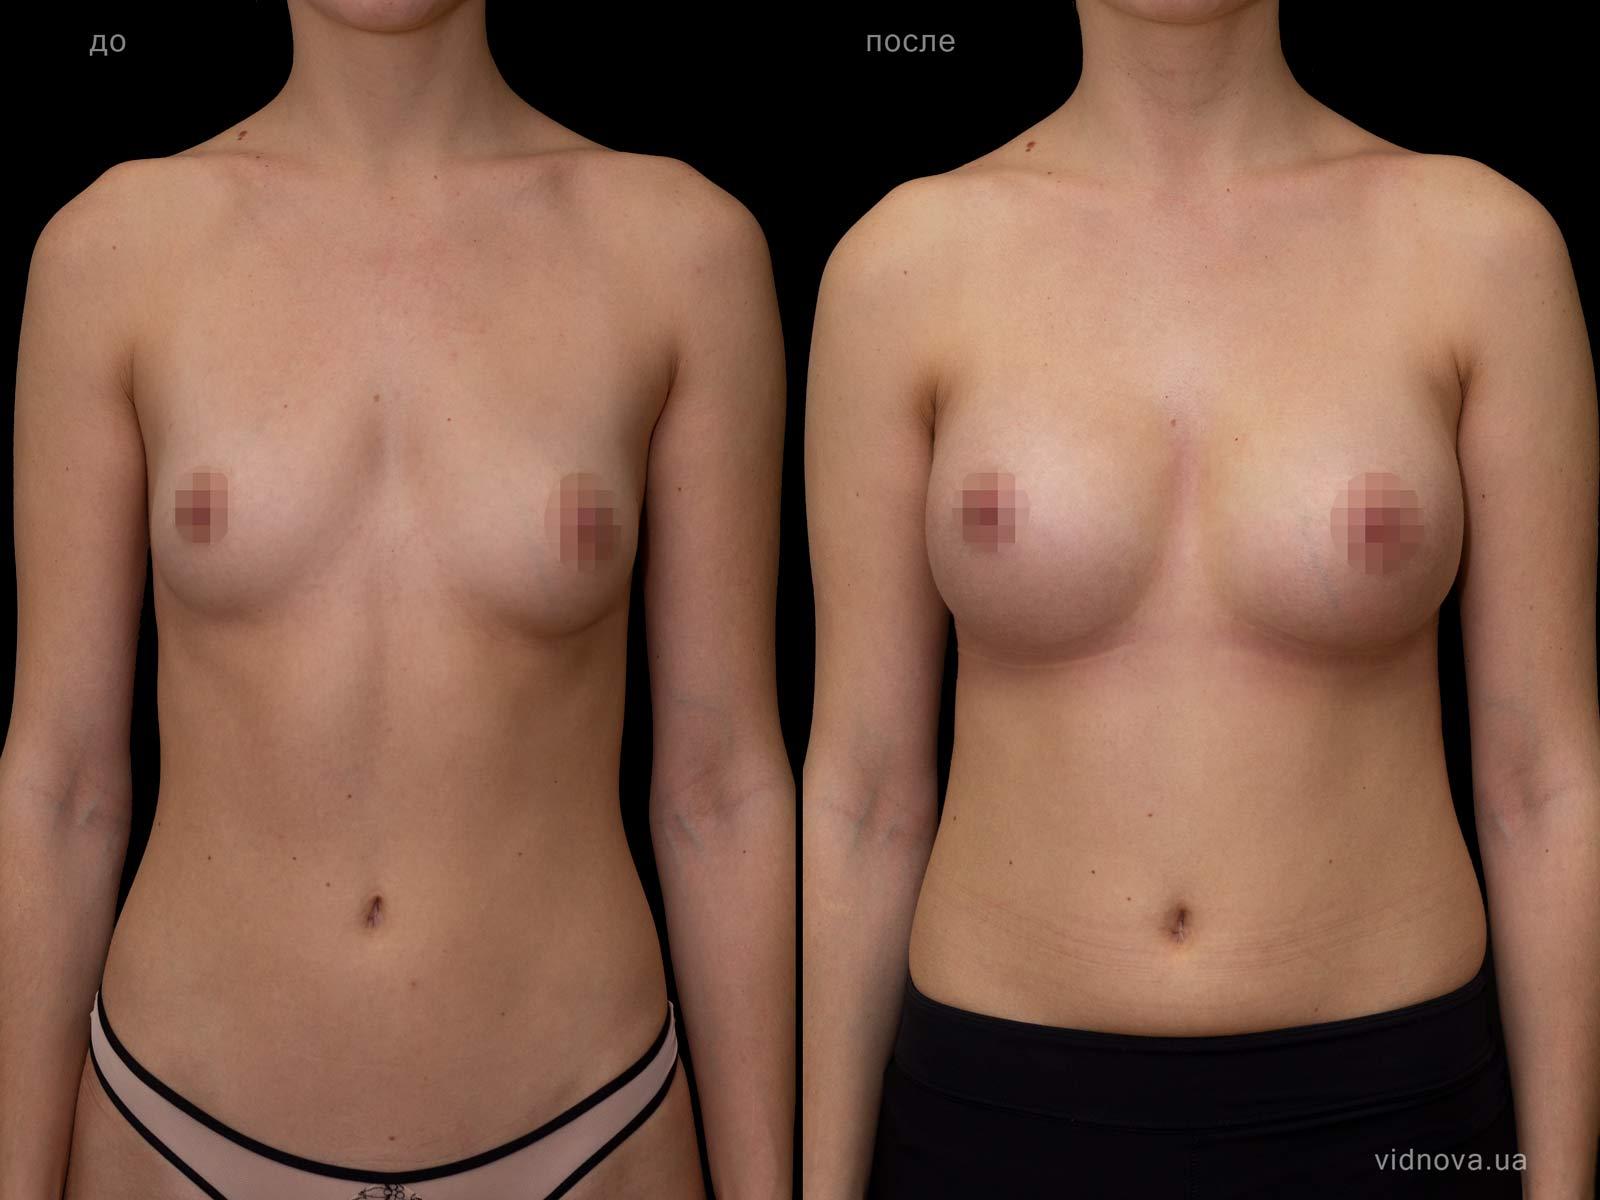 Пластика груди: результаты до и после - Пример №74-0 - Светлана Работенко